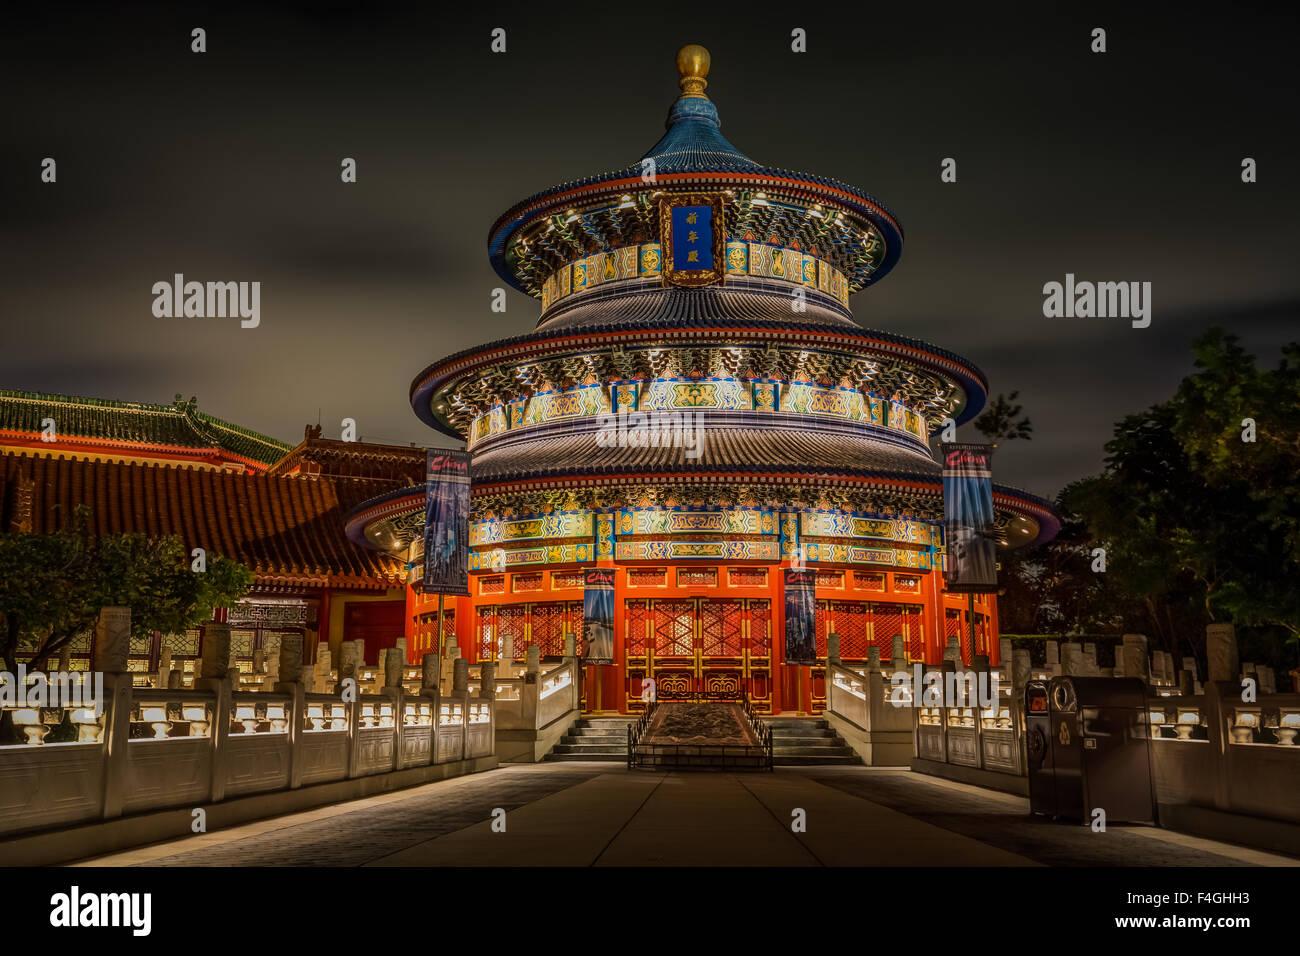 Epcot World Showcase - China - Stock Image